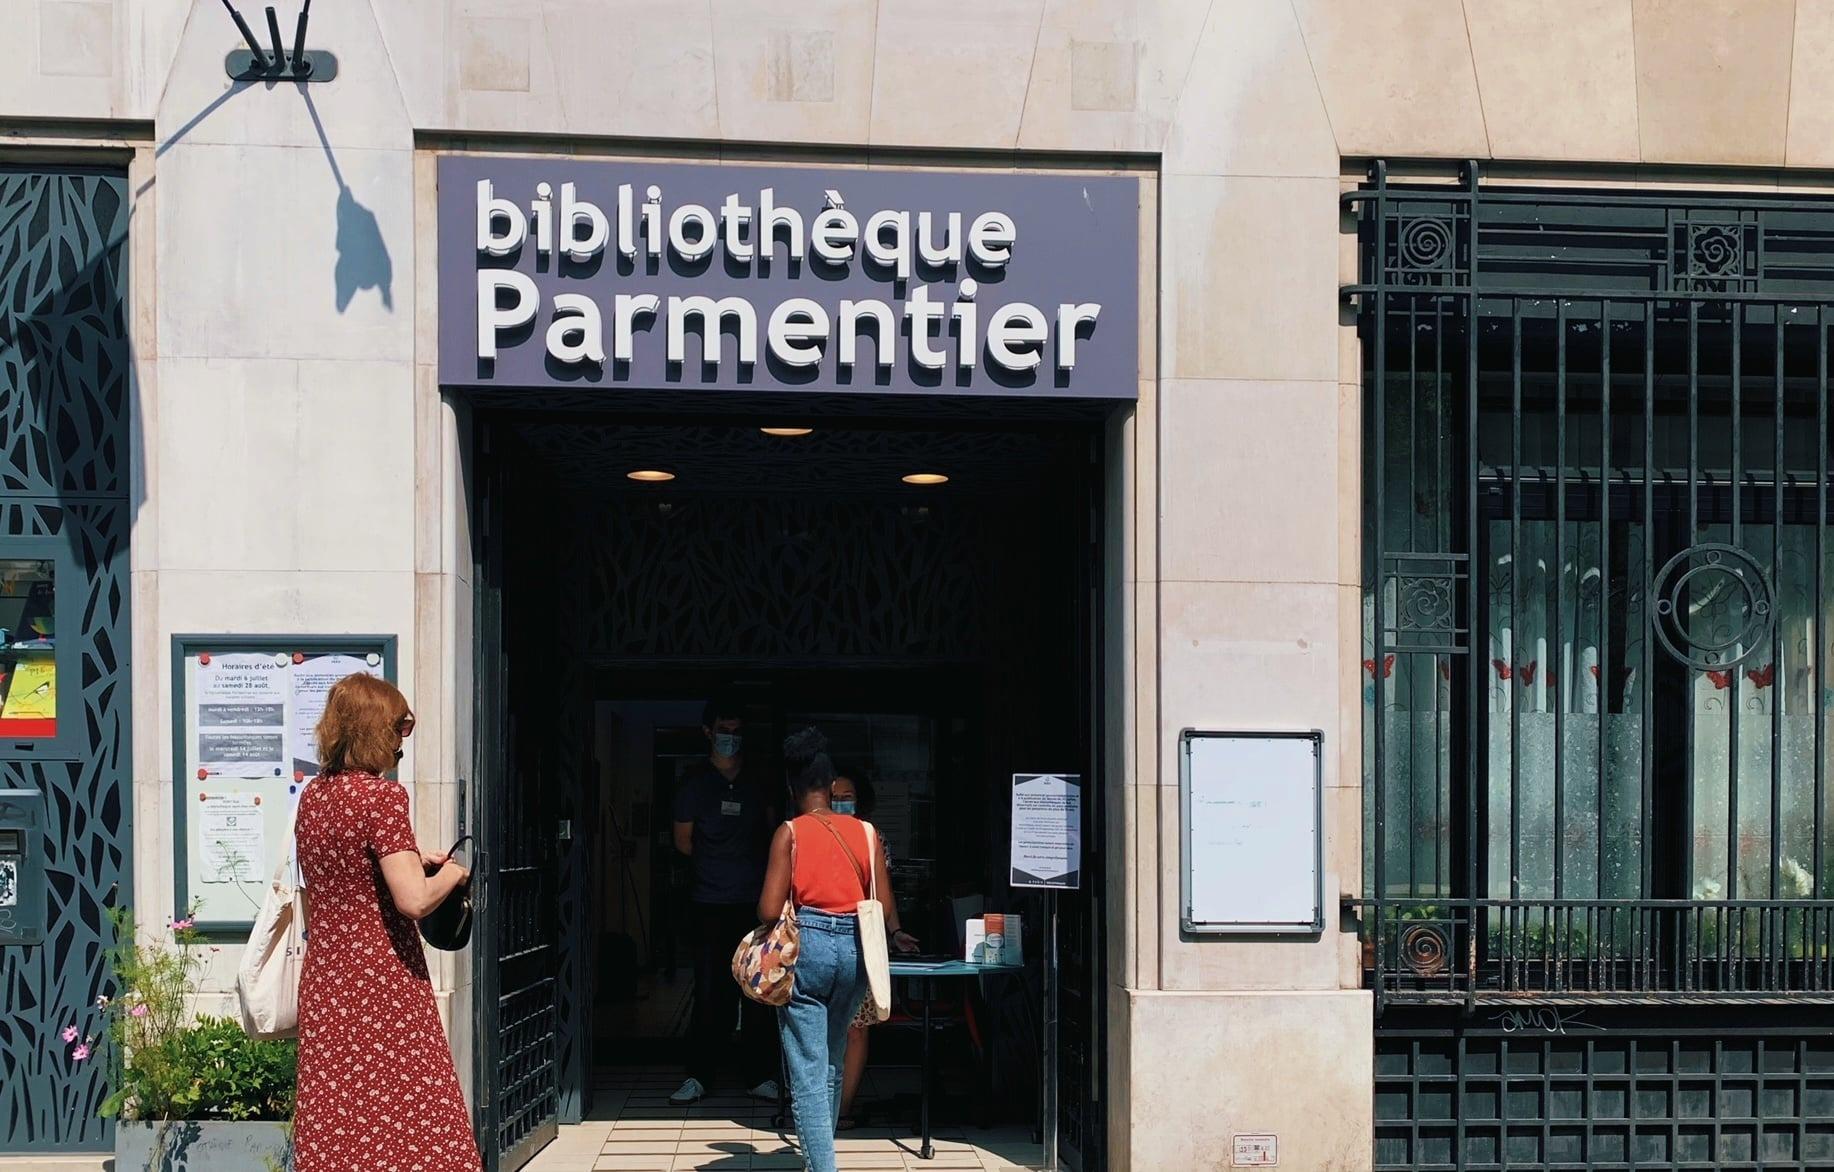 Passe sanitaire : des bibliothèques en grève après des agressions